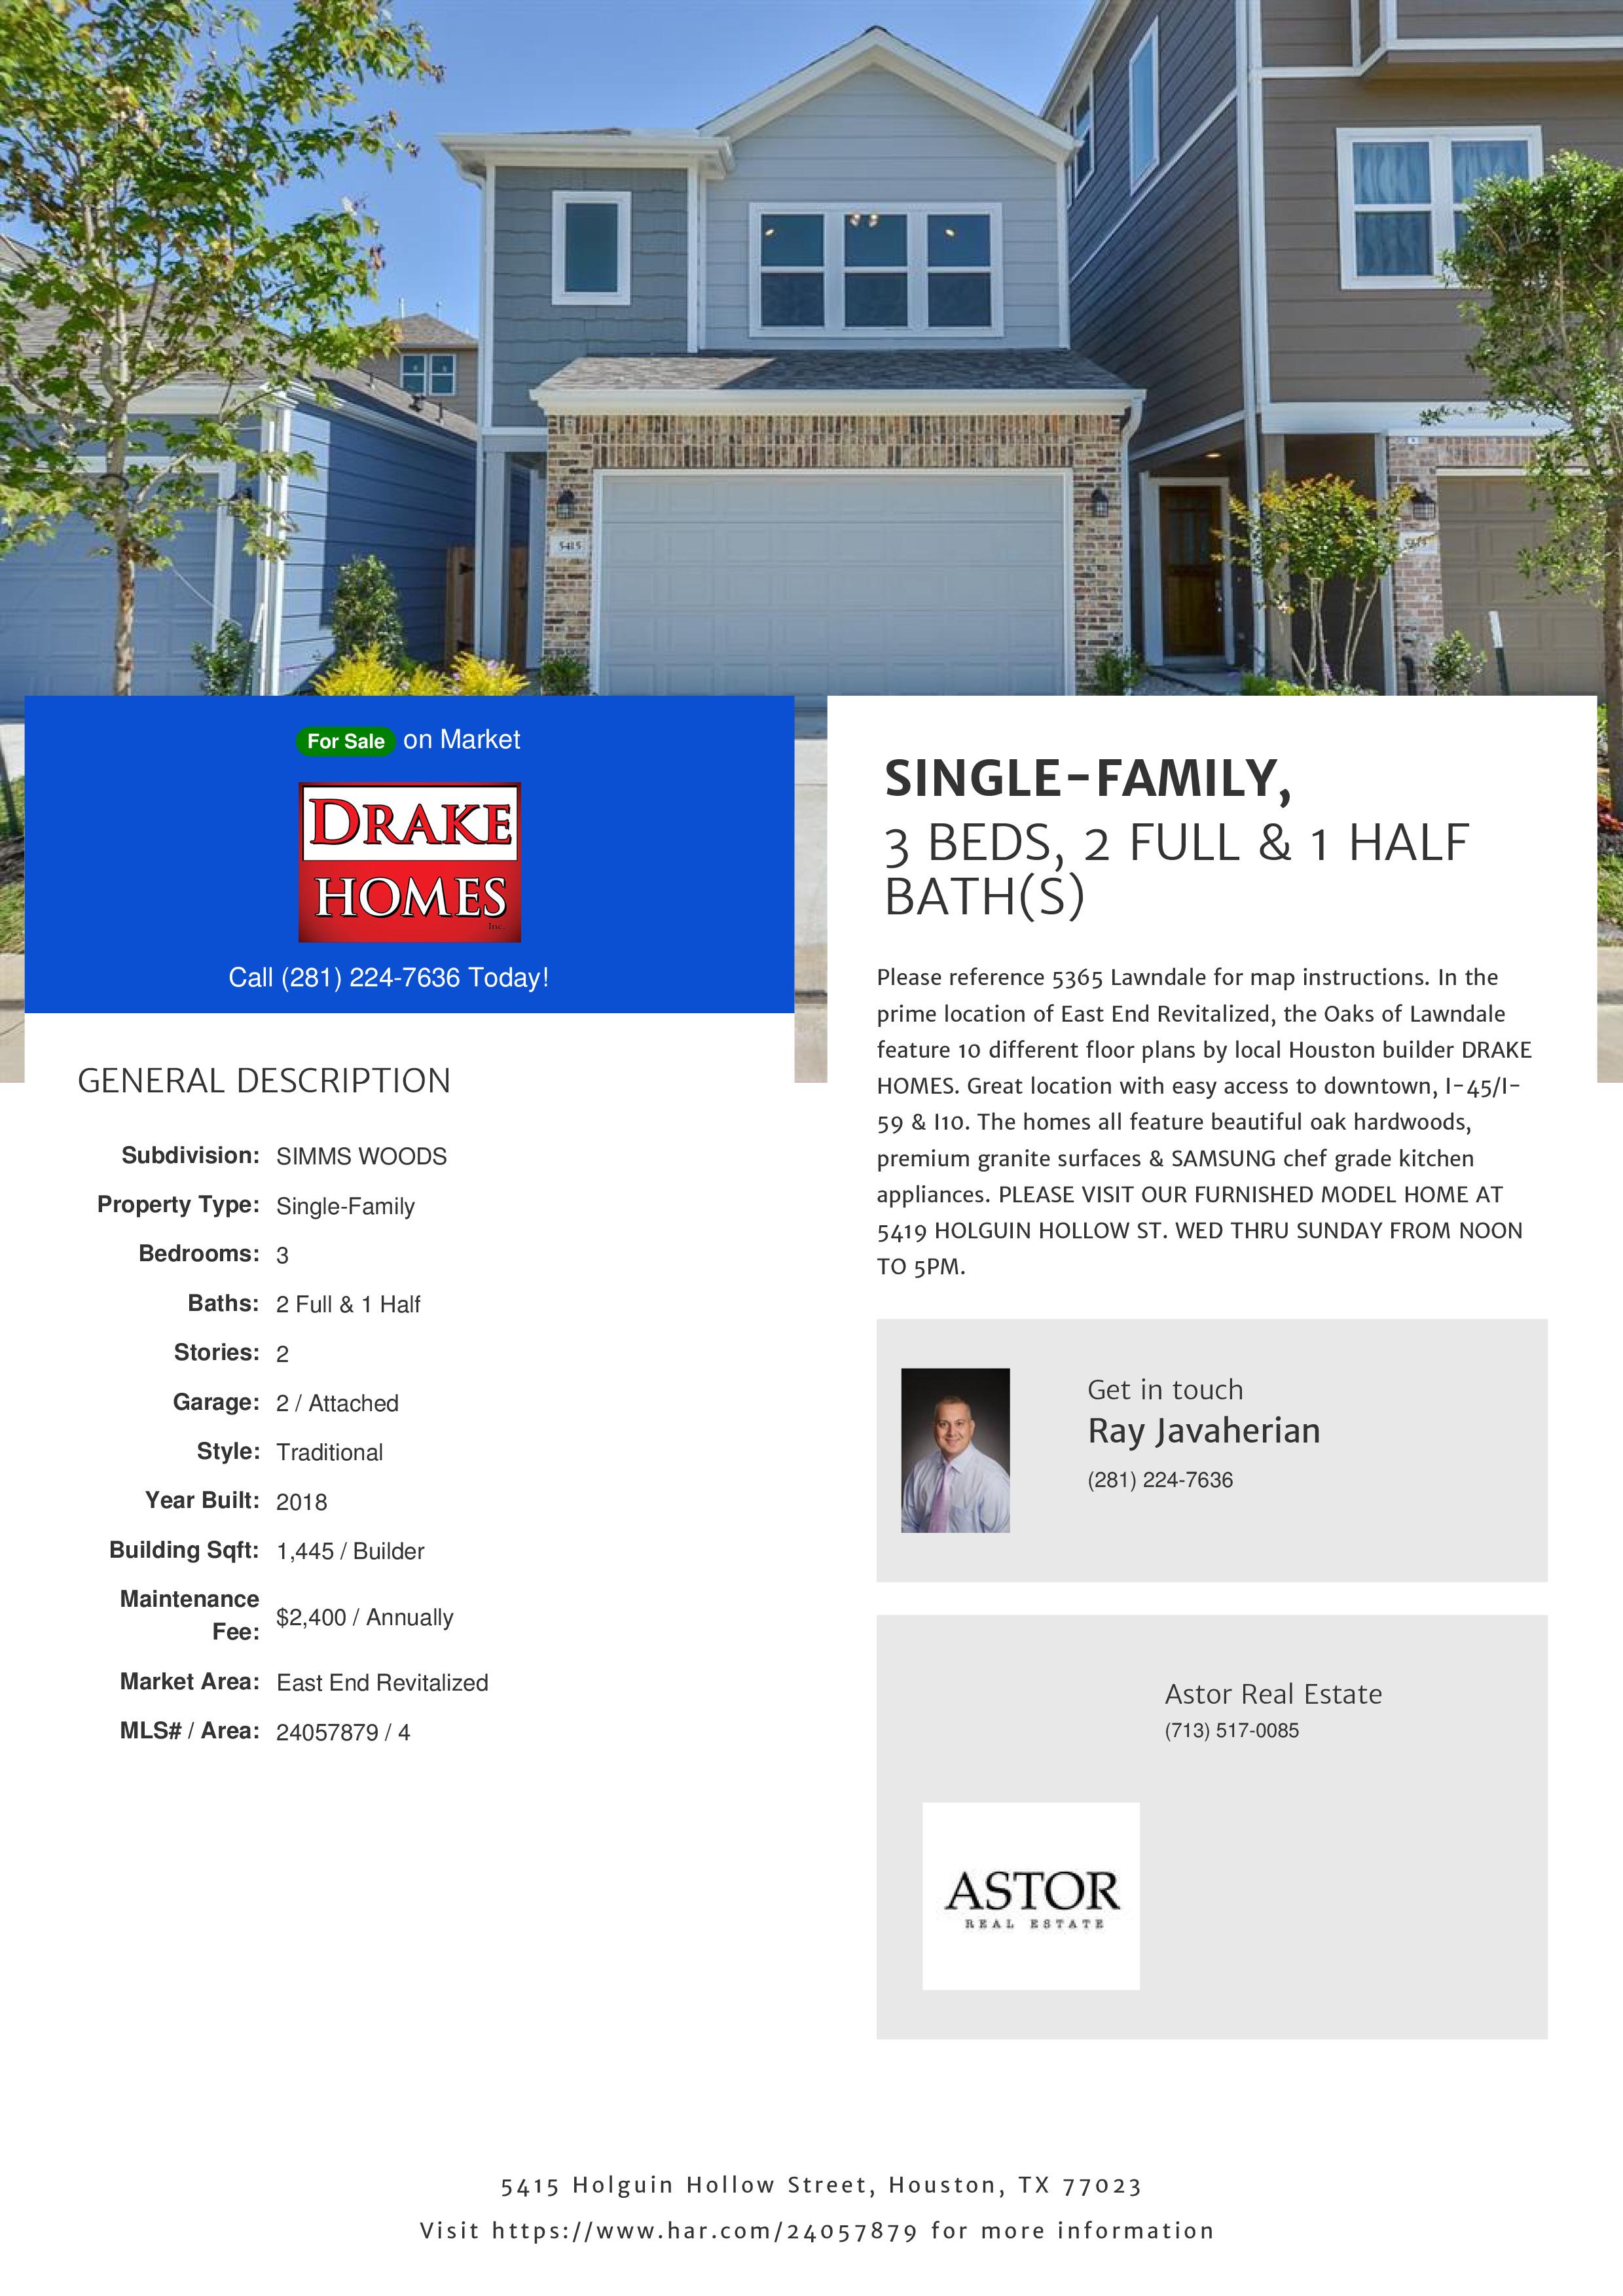 5415 Holguin Hollow Street - HAR.com